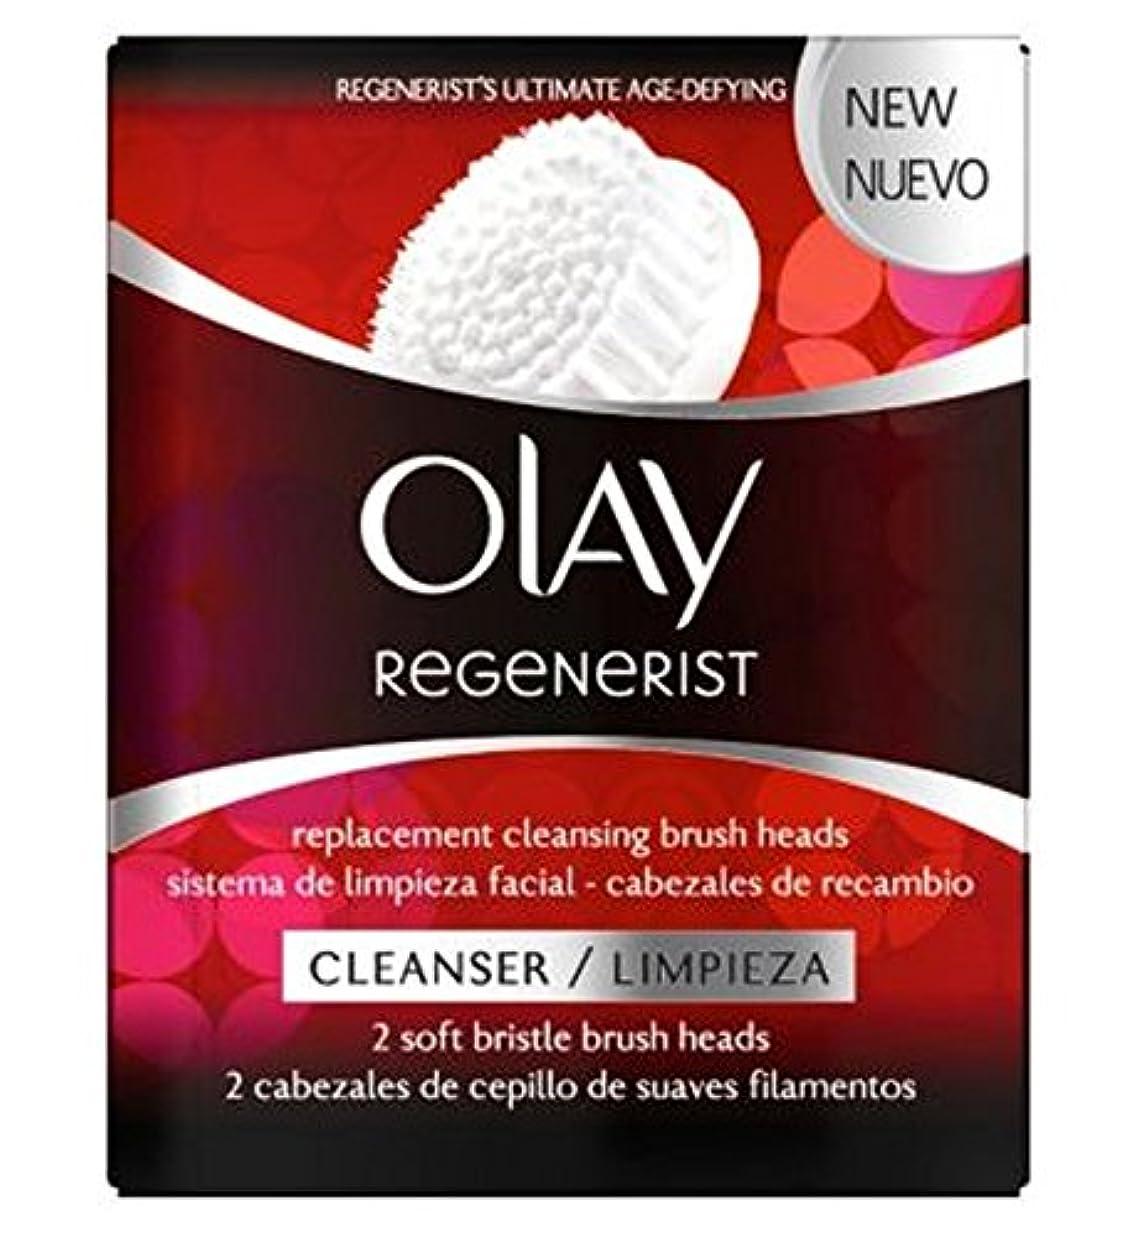 癒すキネマティクス計画オーレイリジェネ2交換用クレンジングブラシヘッド (Olay) (x2) - Olay Regenerist 2 Replacement Cleansing Brush Heads (Pack of 2) [並行輸入品]